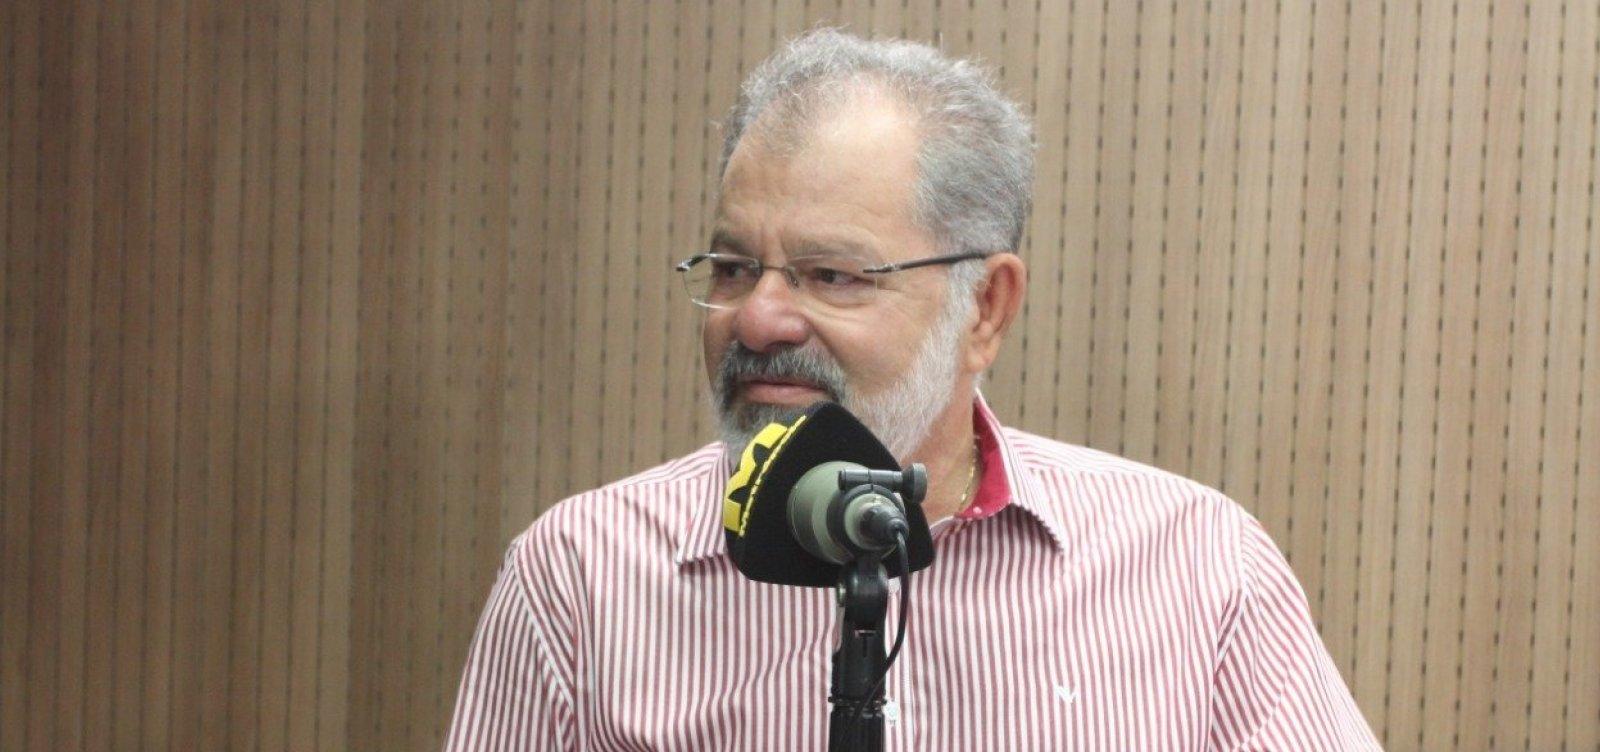 [Em ato falho, Marcelo Nilo diz que PT vai tomar 'porrada eleitoral' na eleição presidencial]